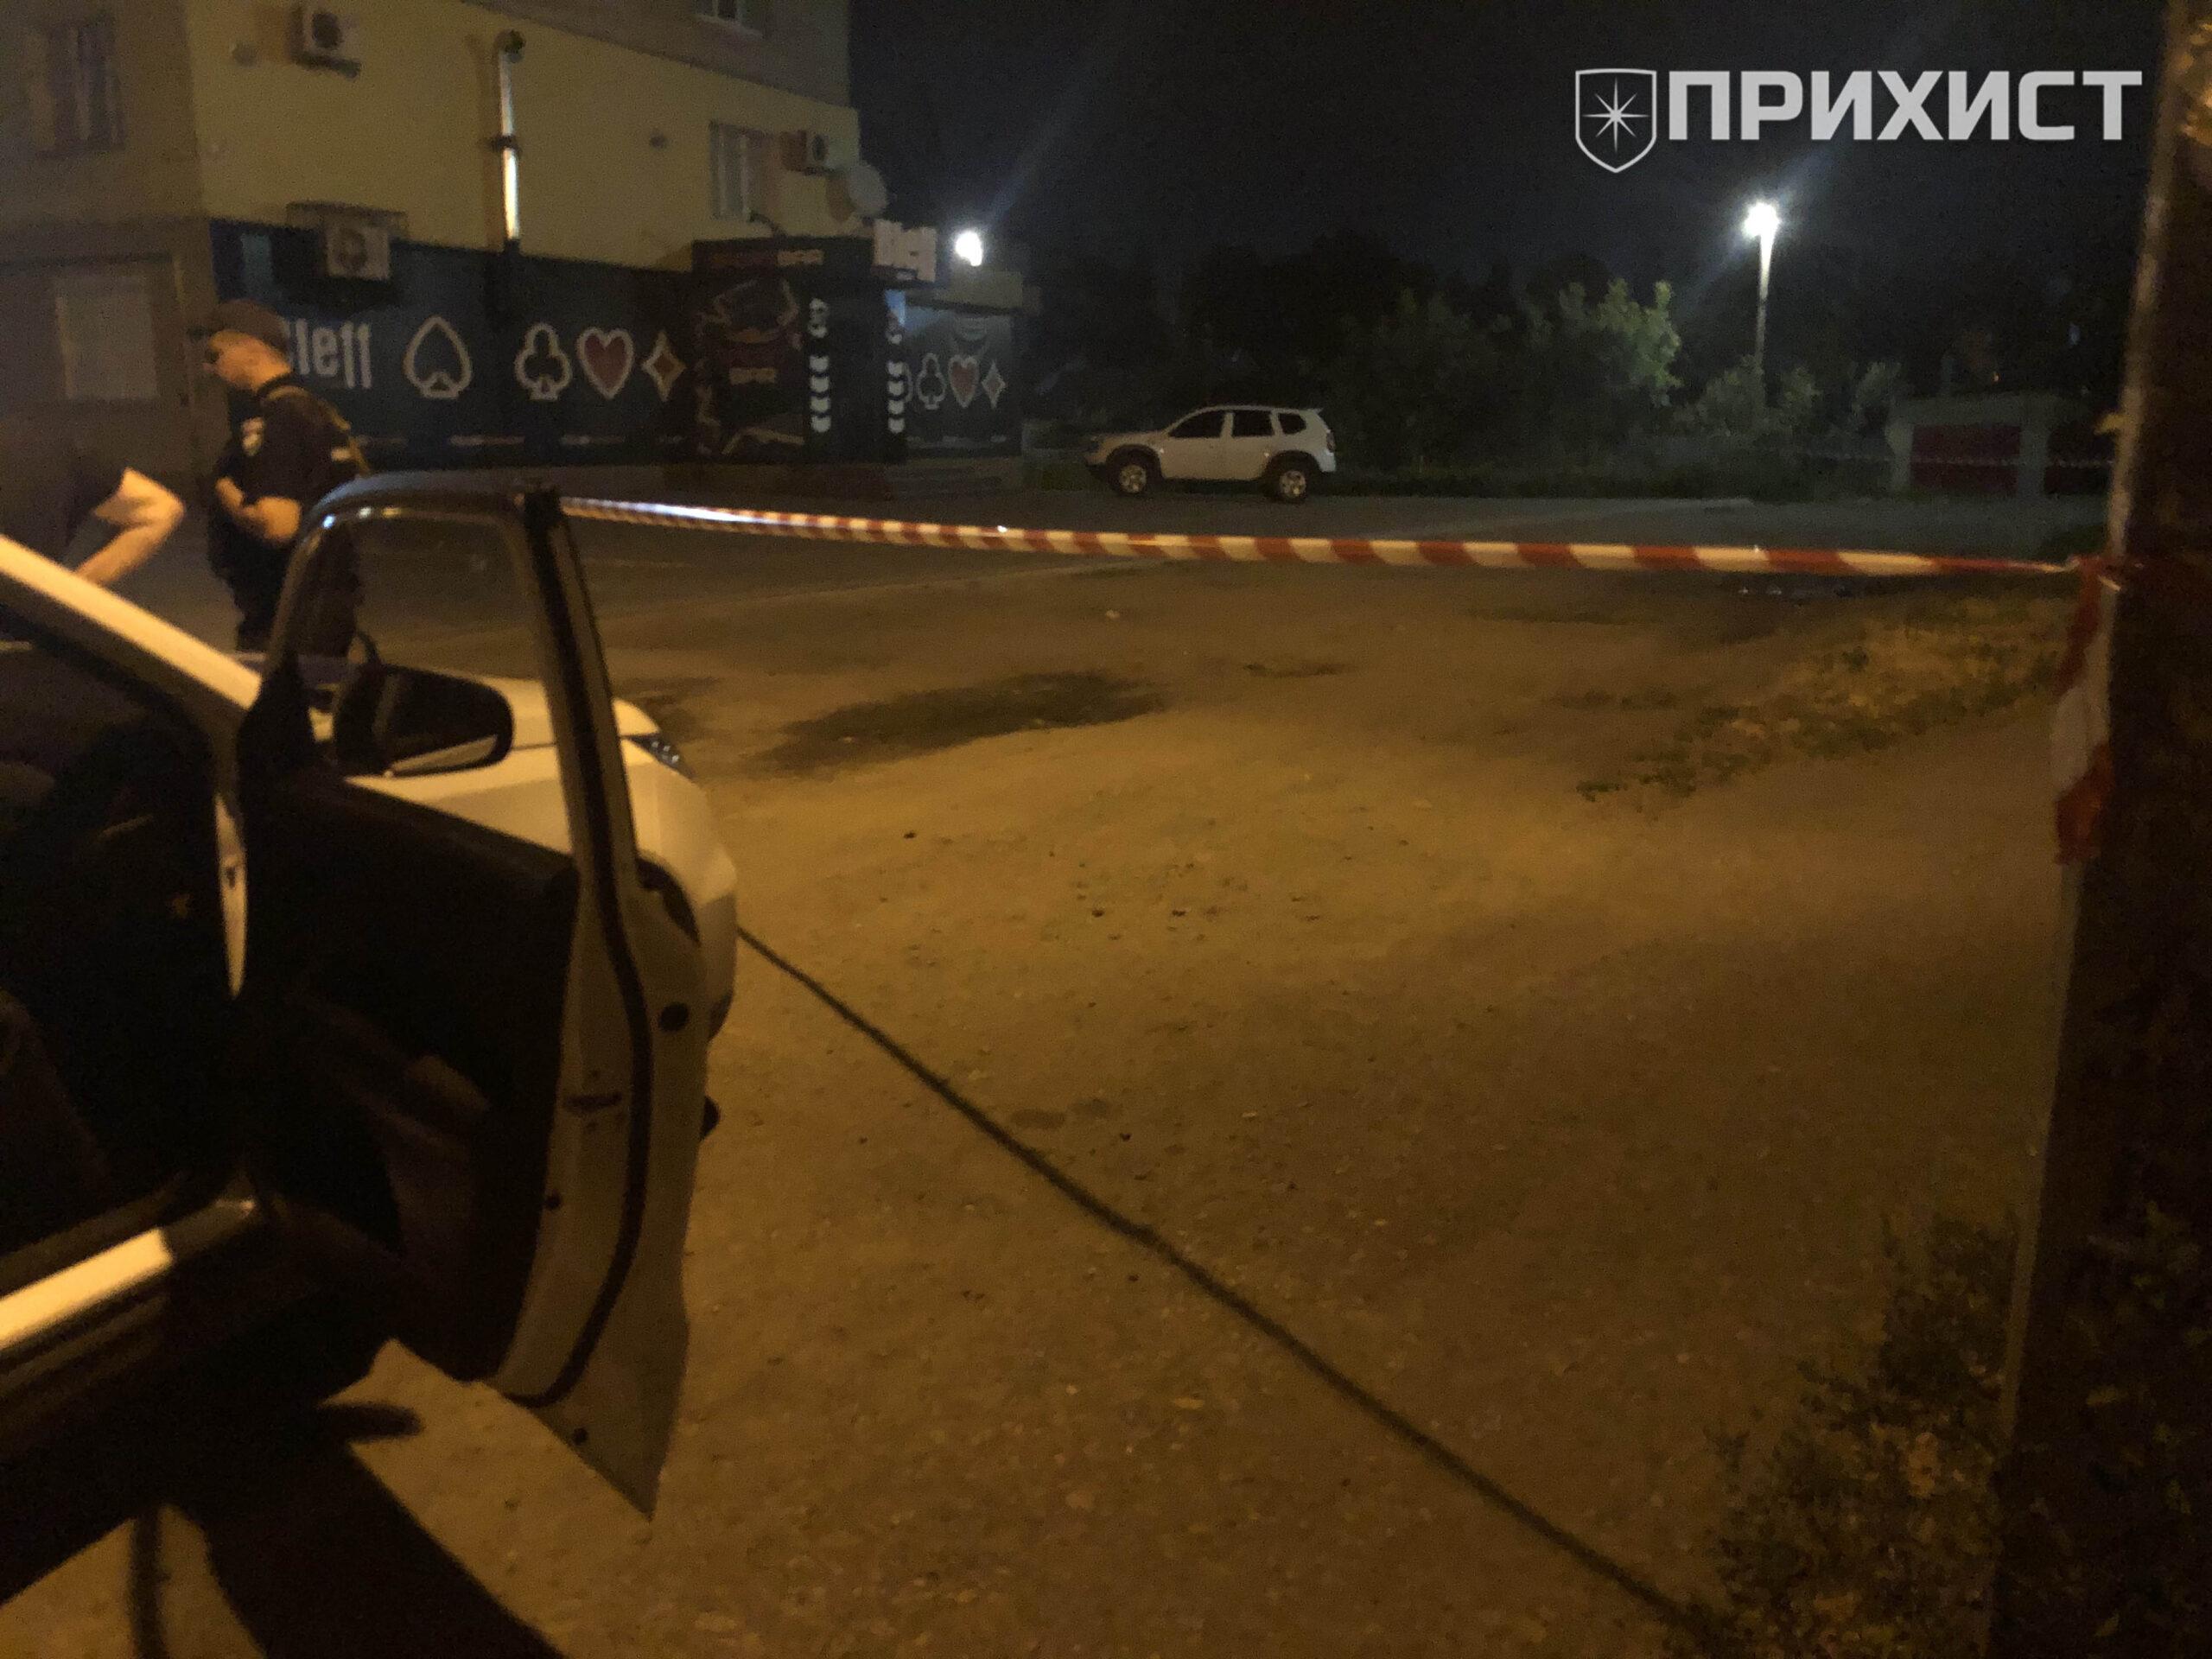 Несостоявшийся взрыв: в Никополе обнаружили машину с взрывчаткой под ней | Прихист